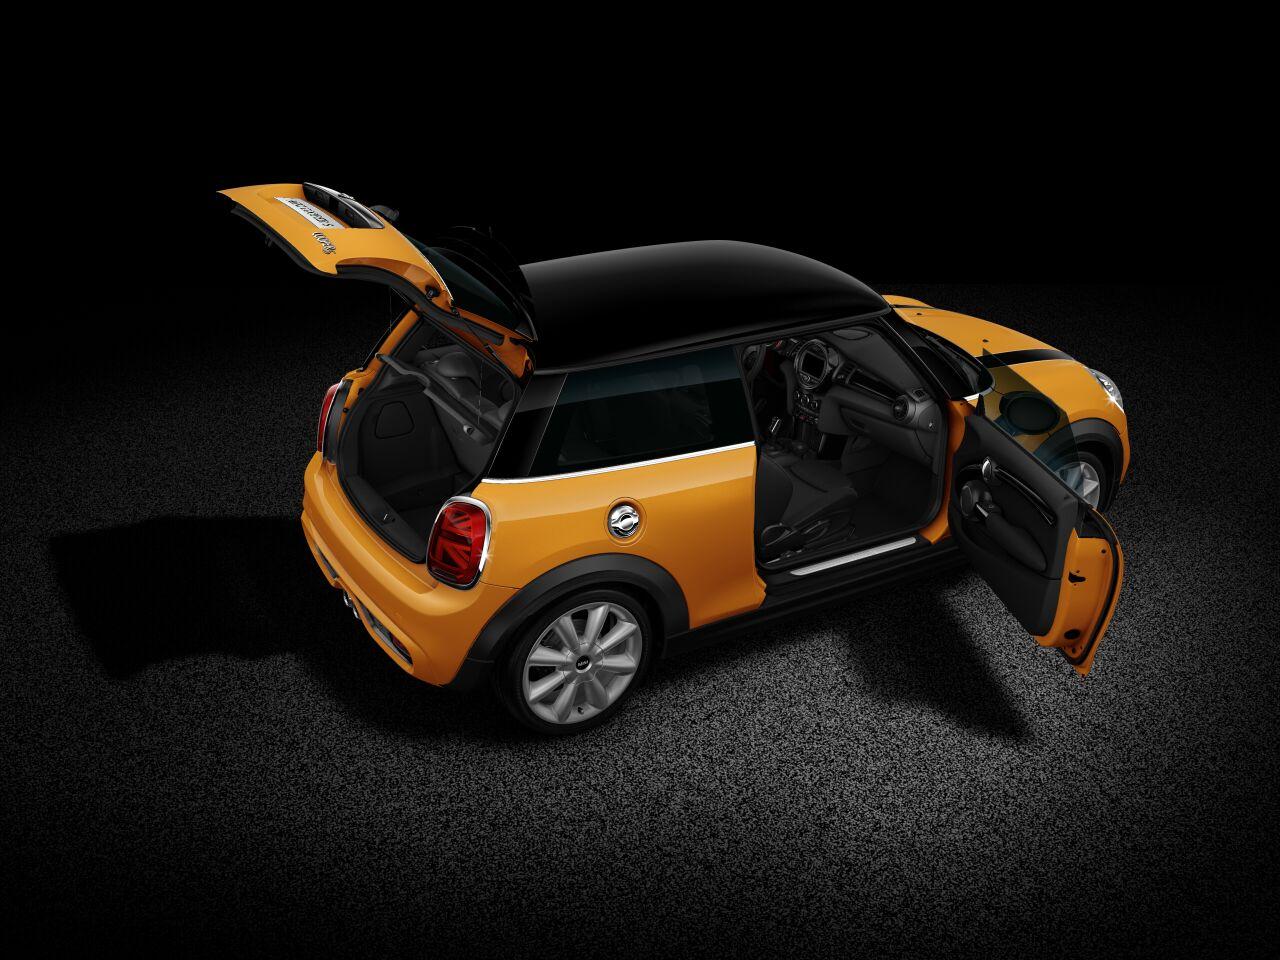 MINI Cooper S 3-deurs blik in de auto